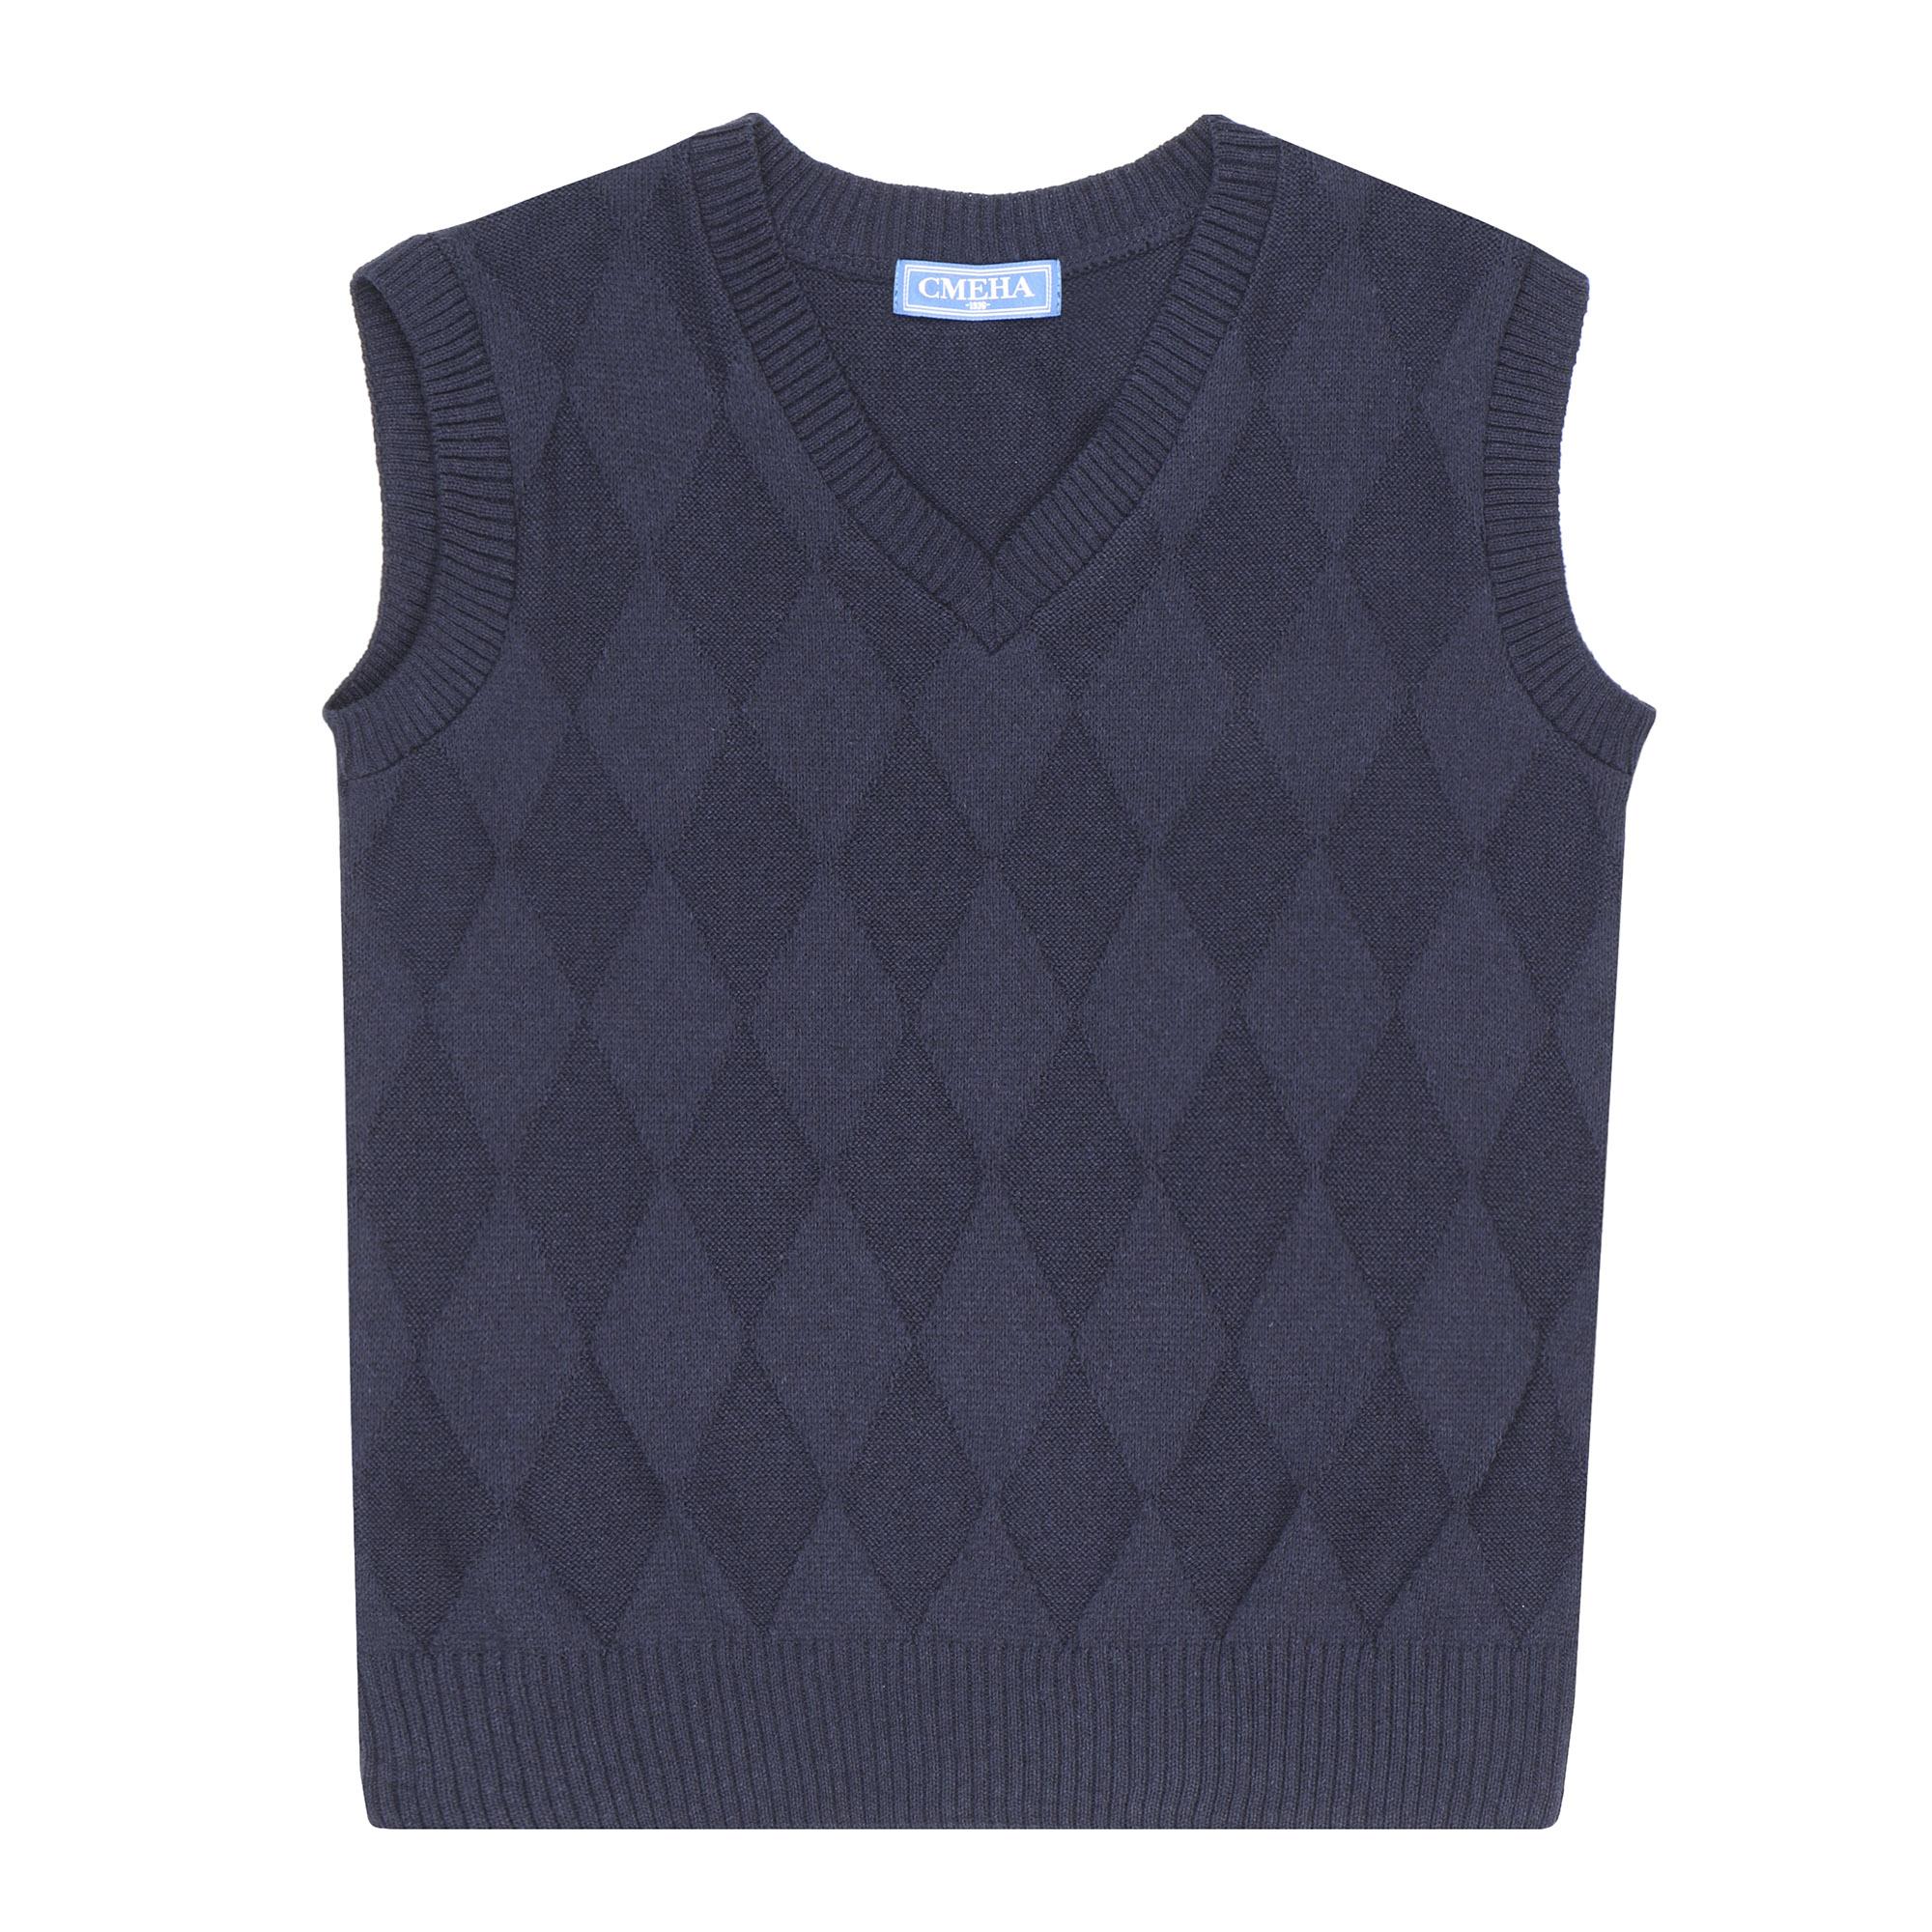 Фото - Жилет школьный трикотажный Смена темно-синий 158/80 платье смена размер 158 80 черный